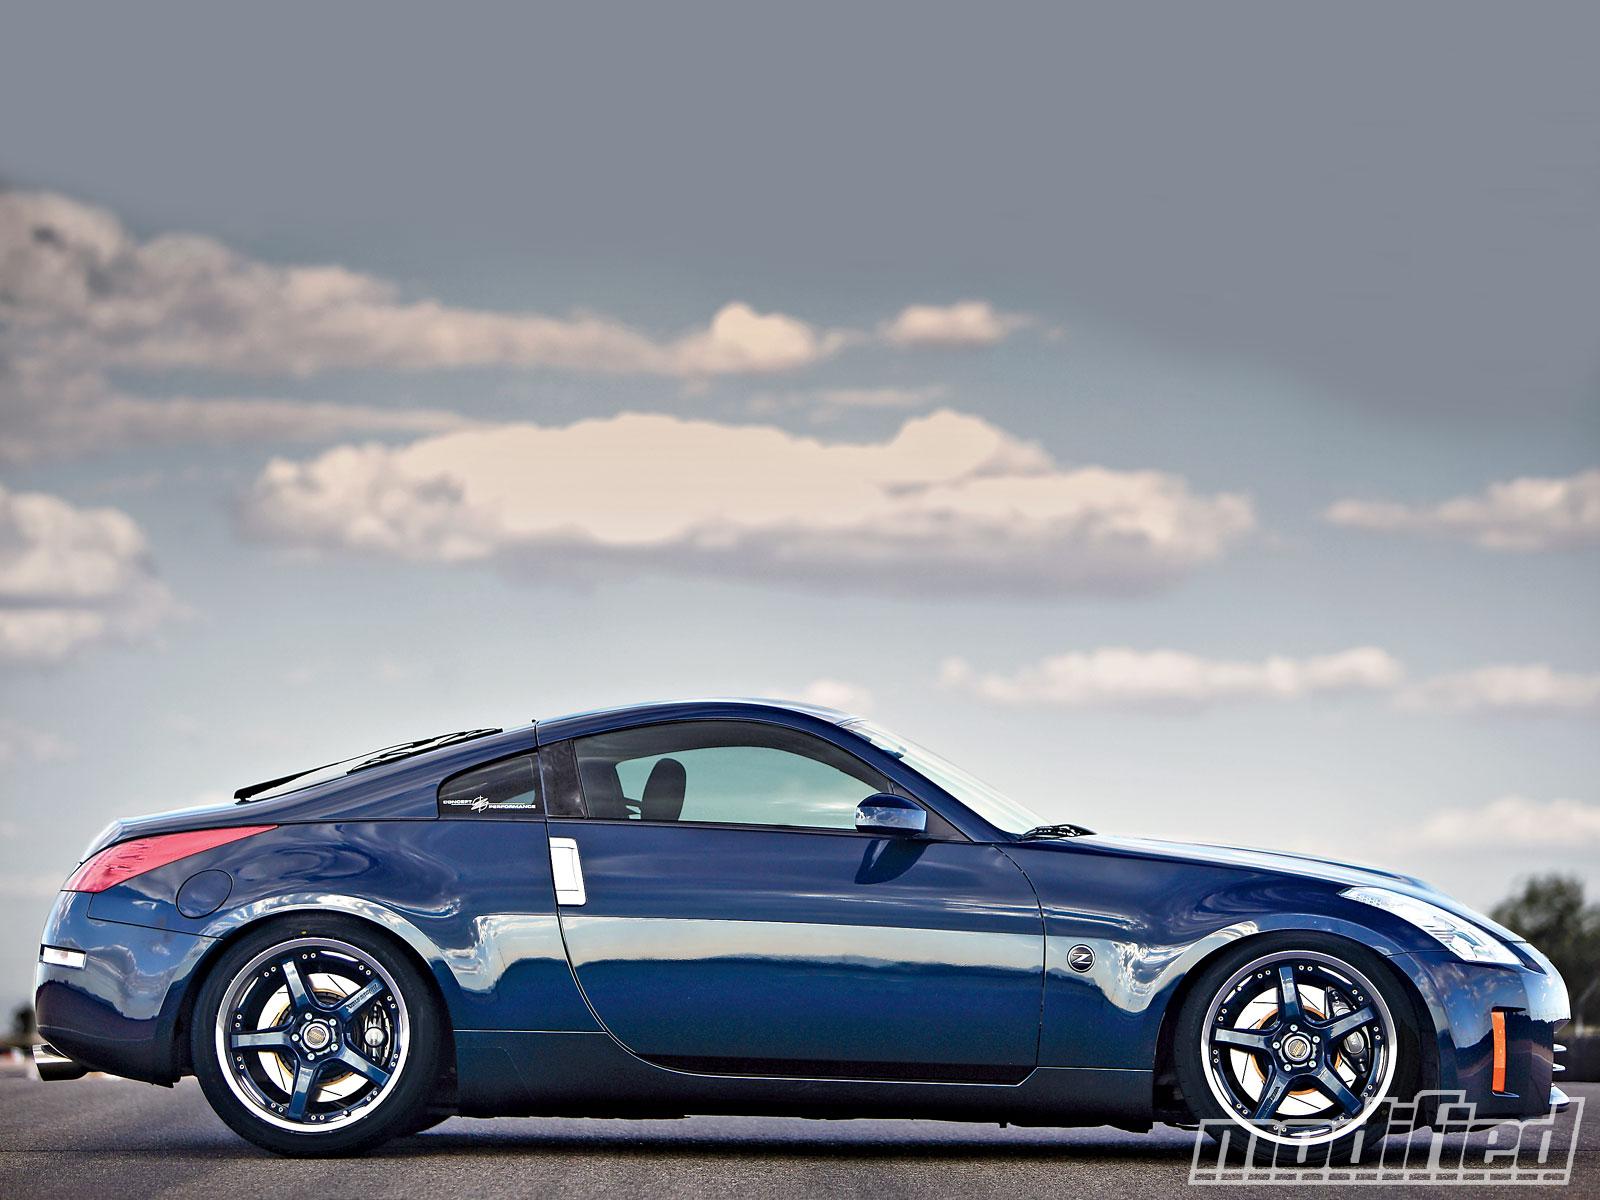 370Z Sport Brake Upgrade for the 350Z - Modified Magazine